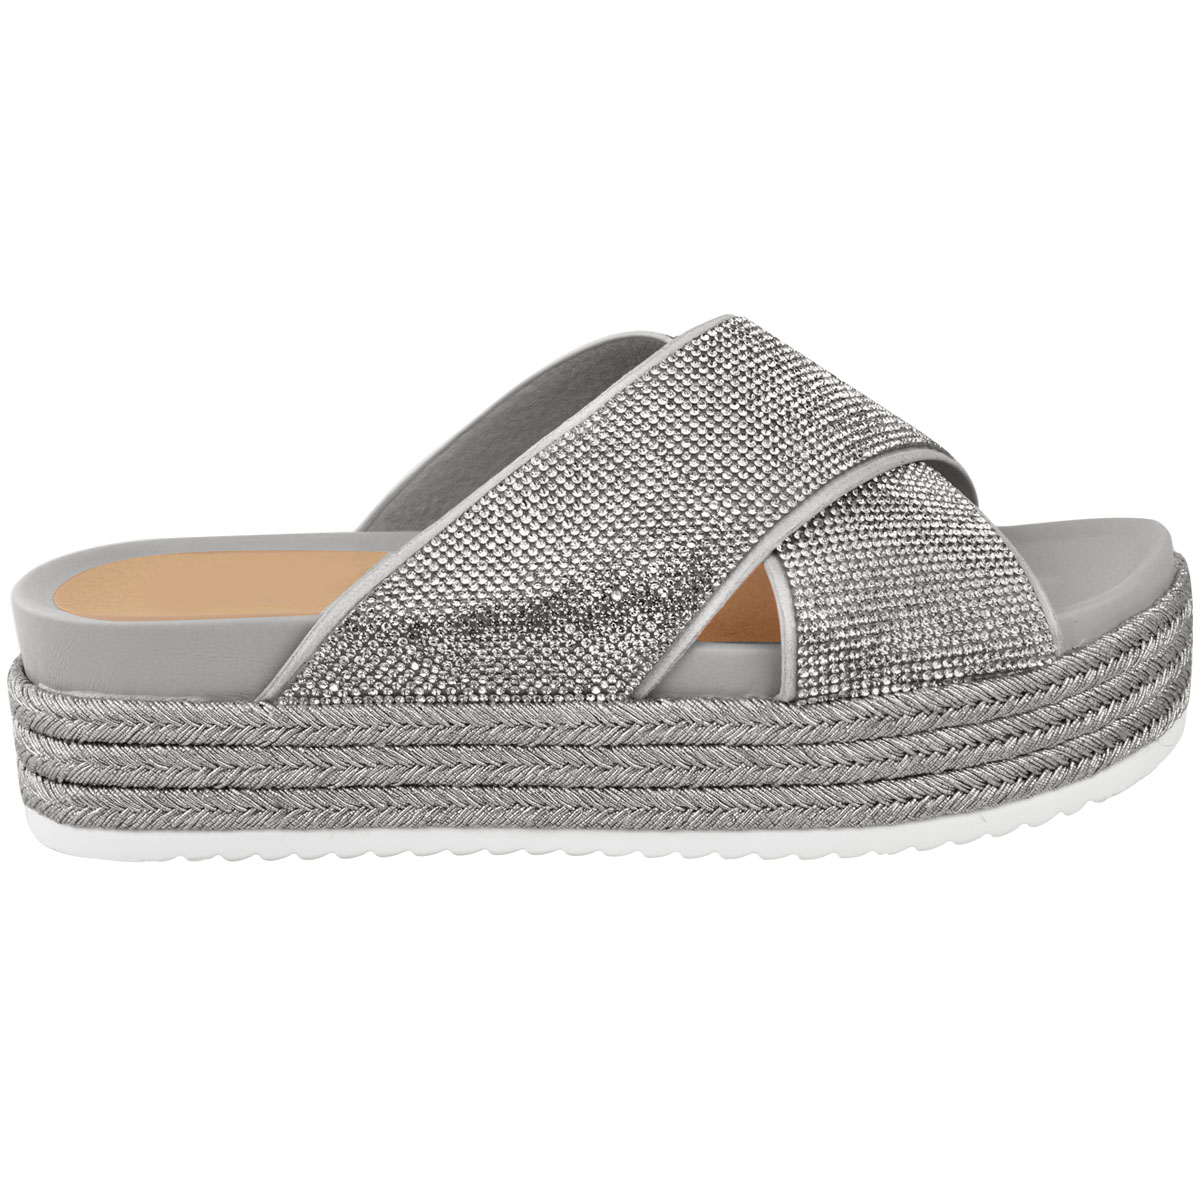 Womens Ladies Diamante Slip On Sandals